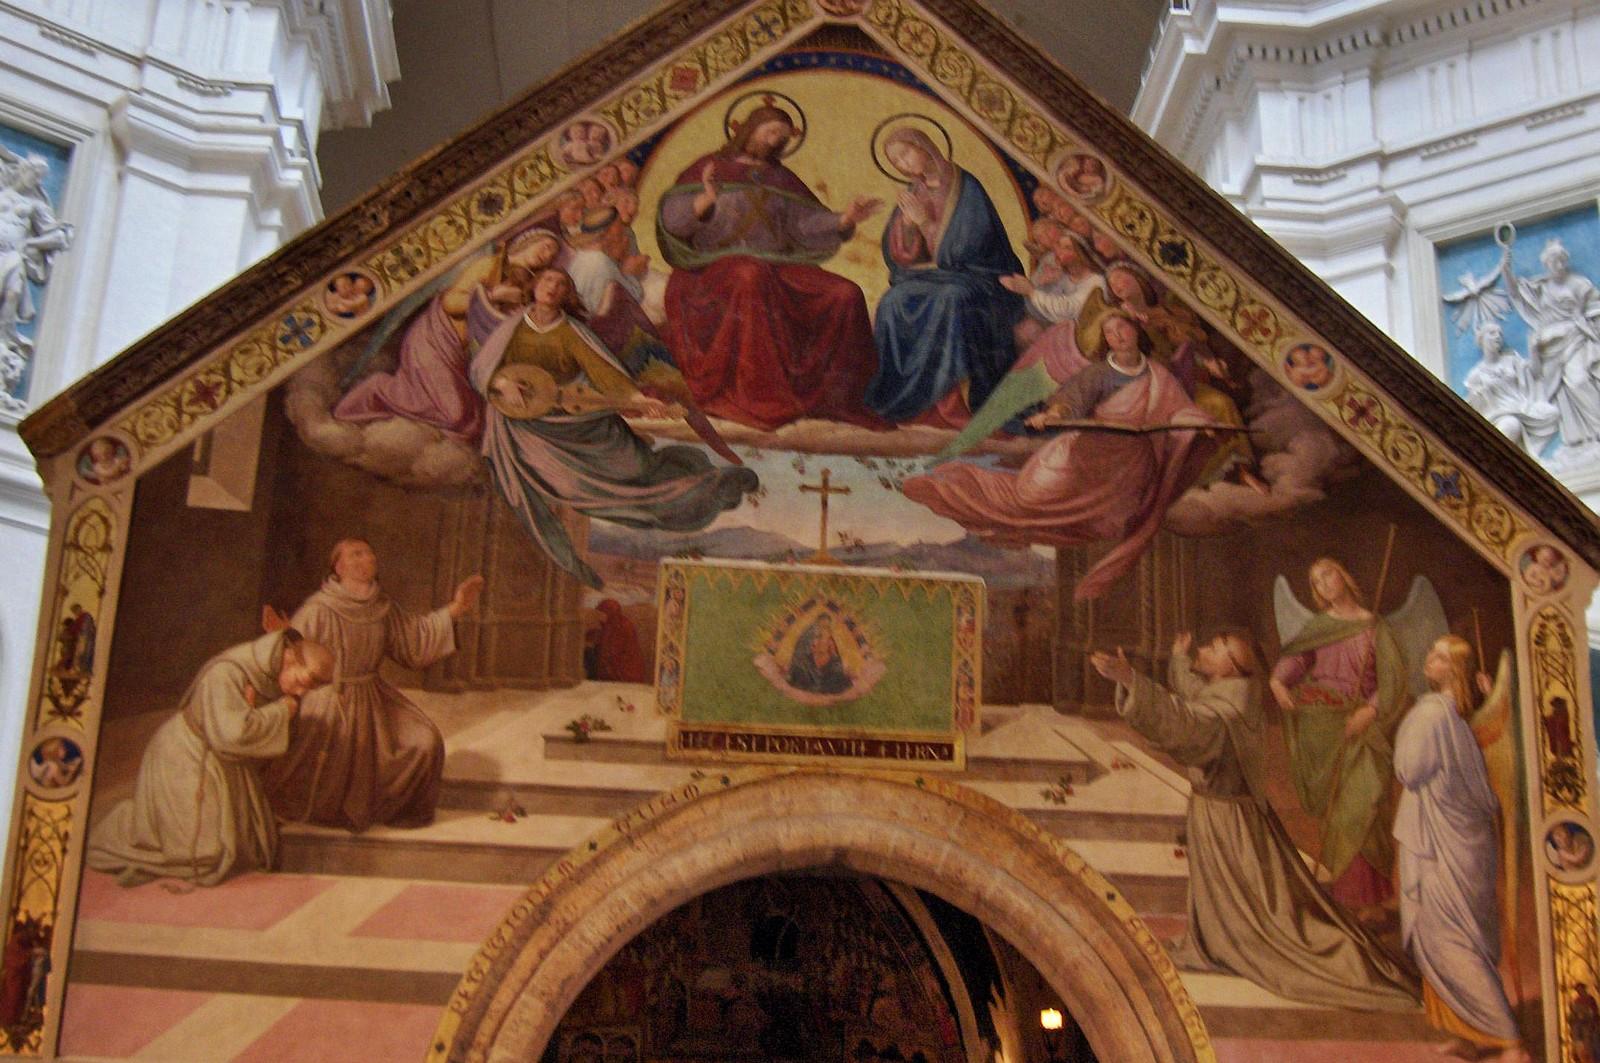 Un Recorrido por Santa María de los Ángeles [con la Porciúncula adentro]